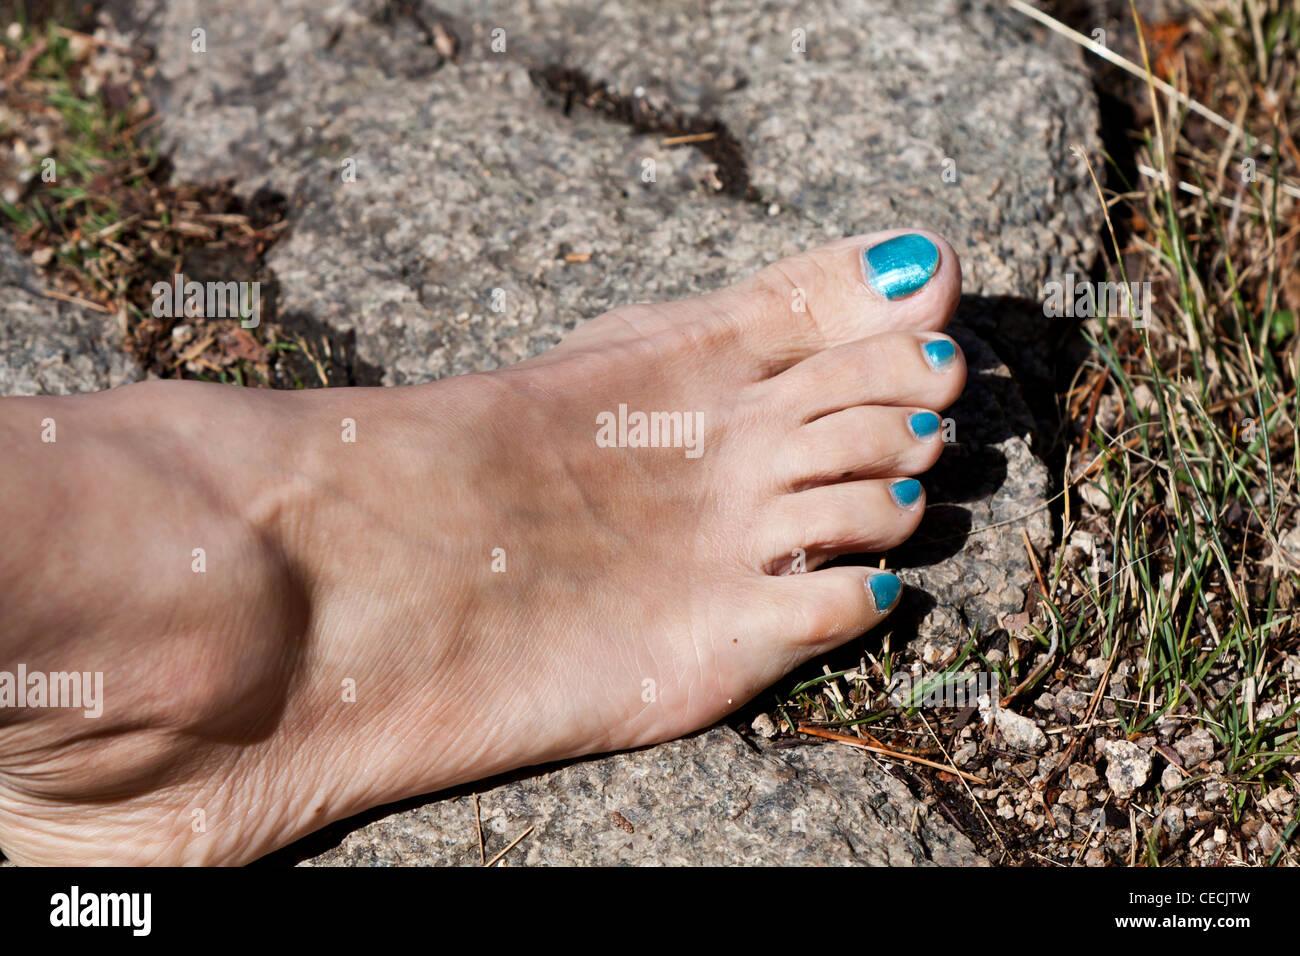 Turquoise polished toe nails - Stock Image